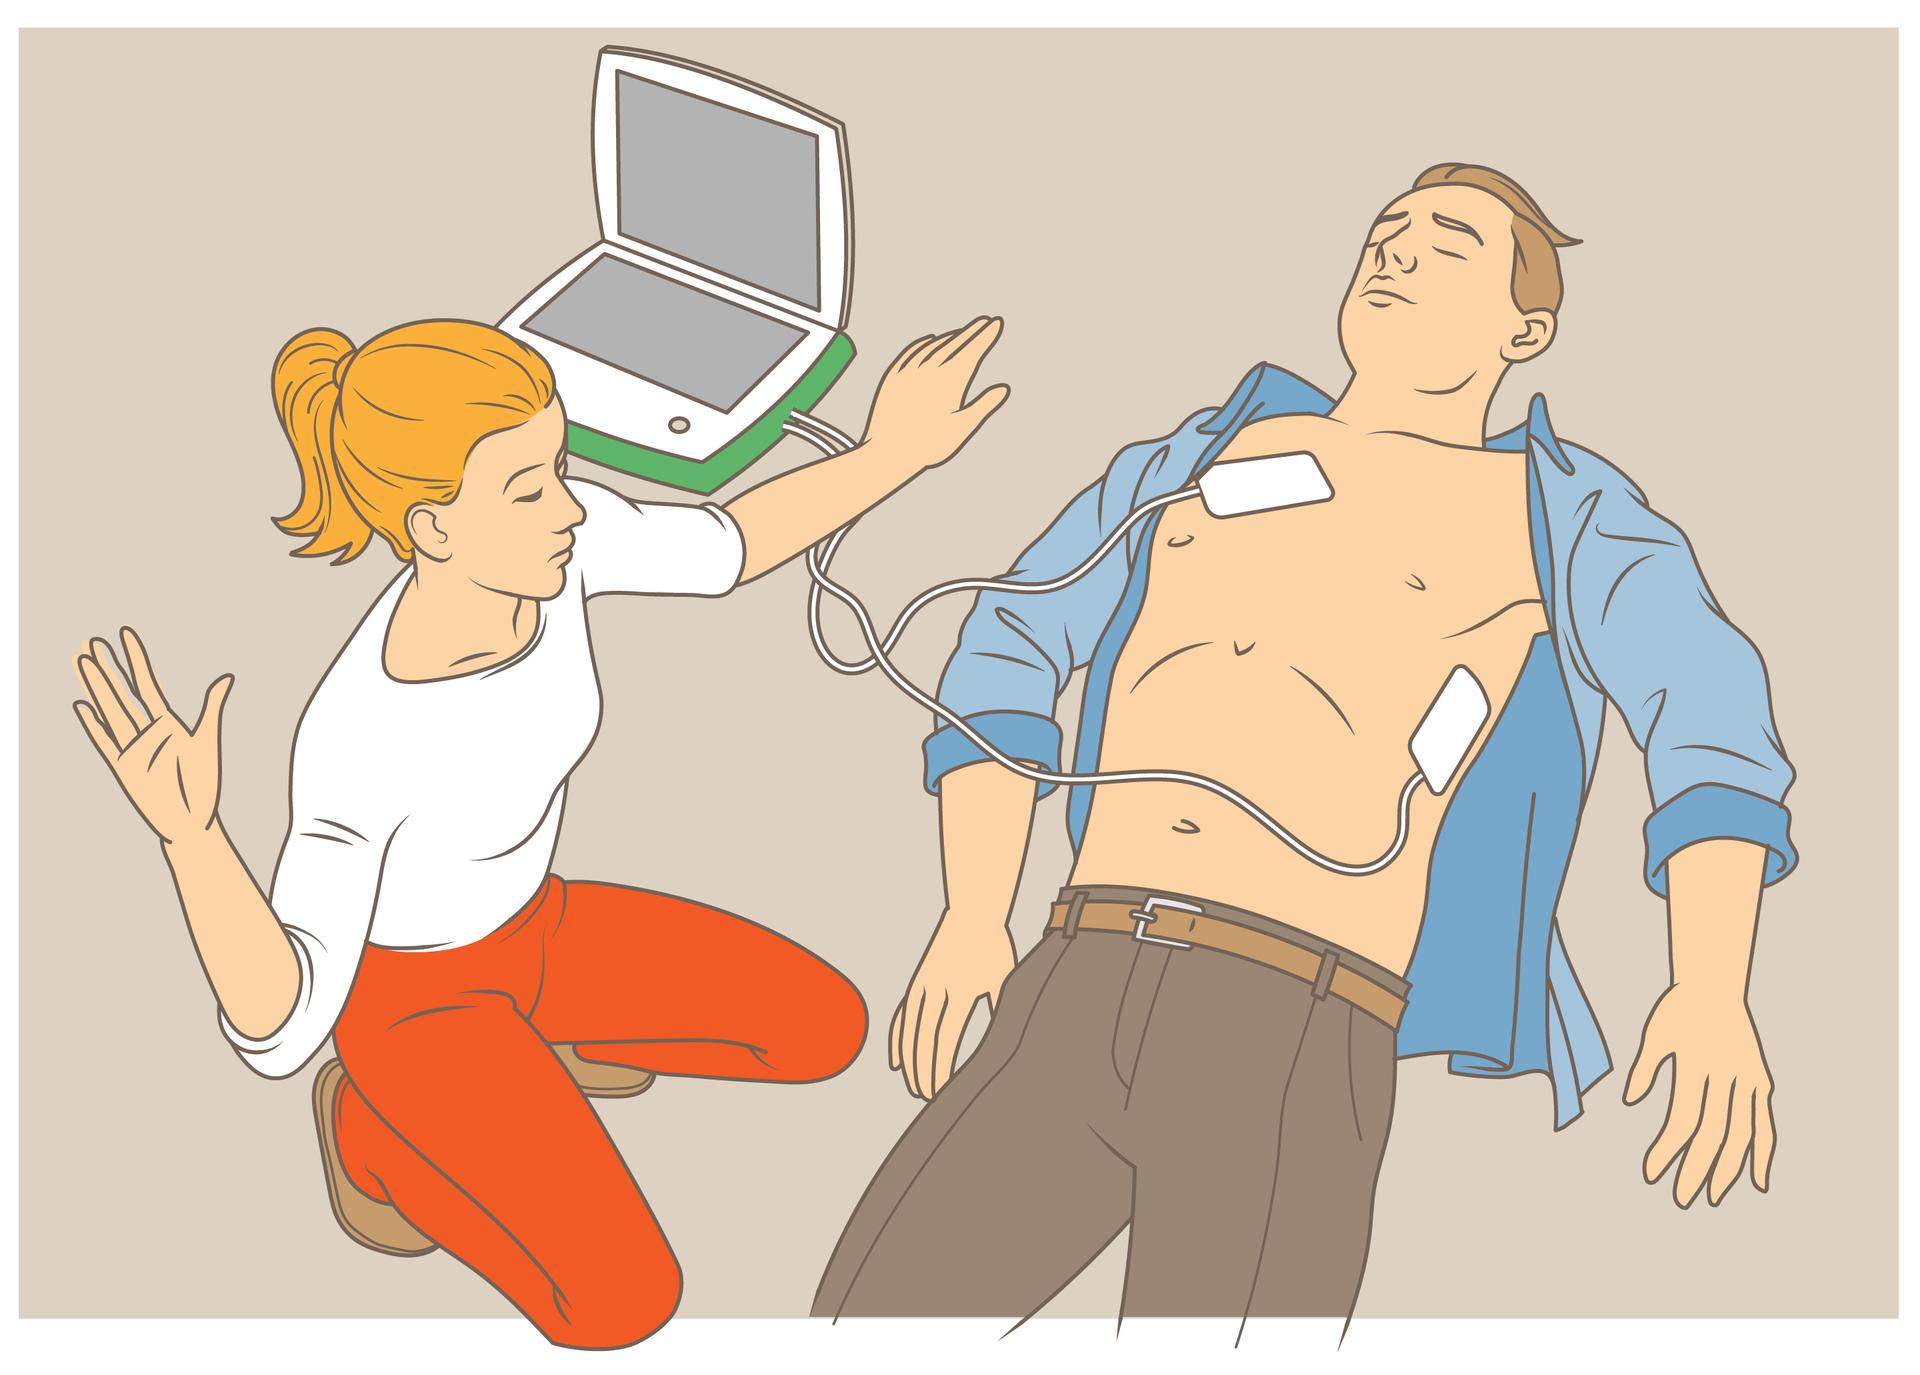 Ilustracja przedstawia sposób użycia defibrylatora AED. Widok zgóry. Po prawej stronie poszkodowany nieprzytomny mężczyzna leży na plecach. Koszula rozpięta. Ręce swobodnie ułożone wzdłuż ciała. Na klatce piersiowej, po lewej, iponiżej klatki, po prawej, przytwierdzone elektrody defibrylatora. Płaskie elektrody wkształcie małych prostokątów. Elektrody połączone przewodami do głównego defibrylatora. Obok poszkodowanego, po lewej stronie, kobieta udzielająca pomocy. Kobieta wprzysiadzie, ręce uniesione aby nie dotykać poszkodowanego wtrakcie użycia defibrylatora.